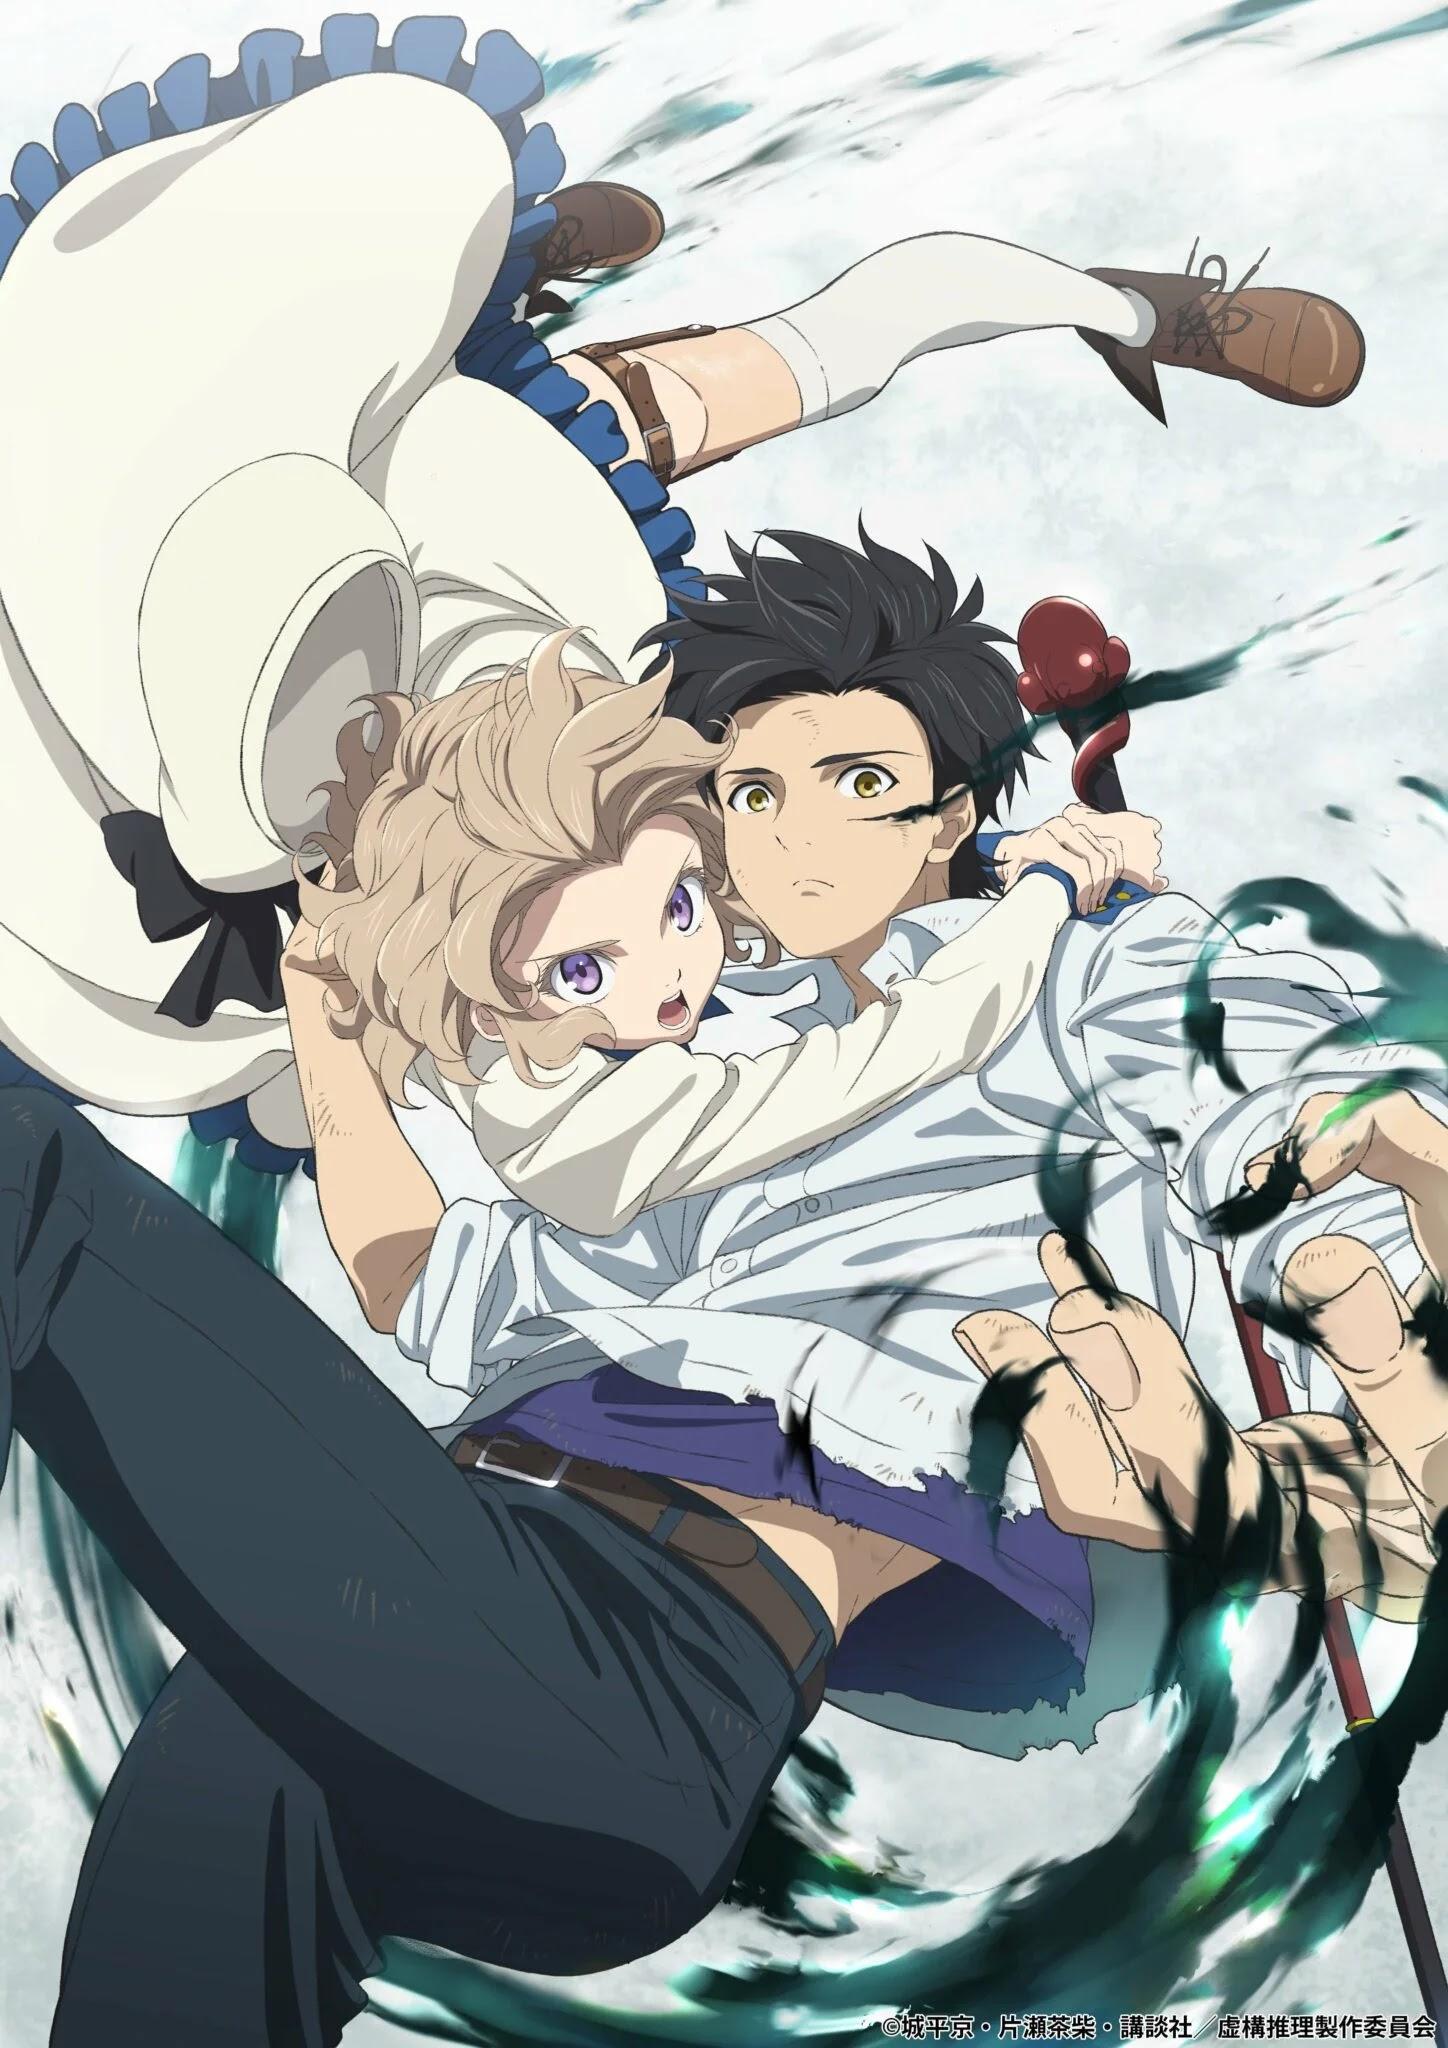 Segunda temporada do Anime Kyokou Suiri estreia em 2022